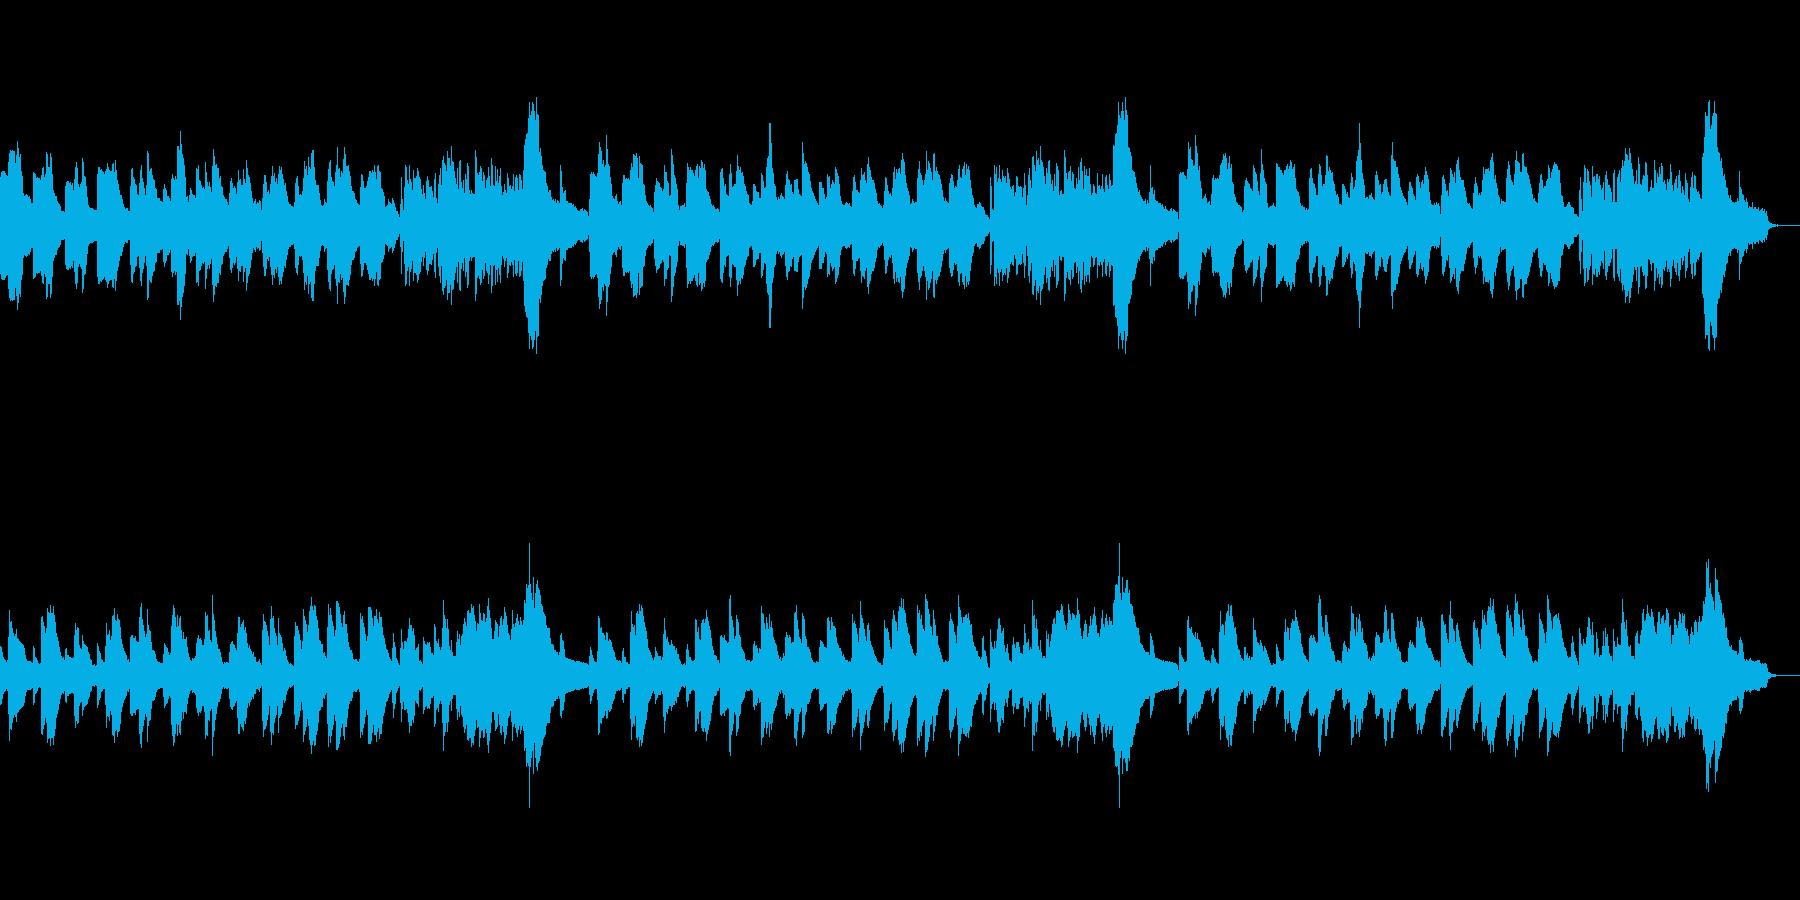 奇妙で恐ろしいピアノ曲の再生済みの波形